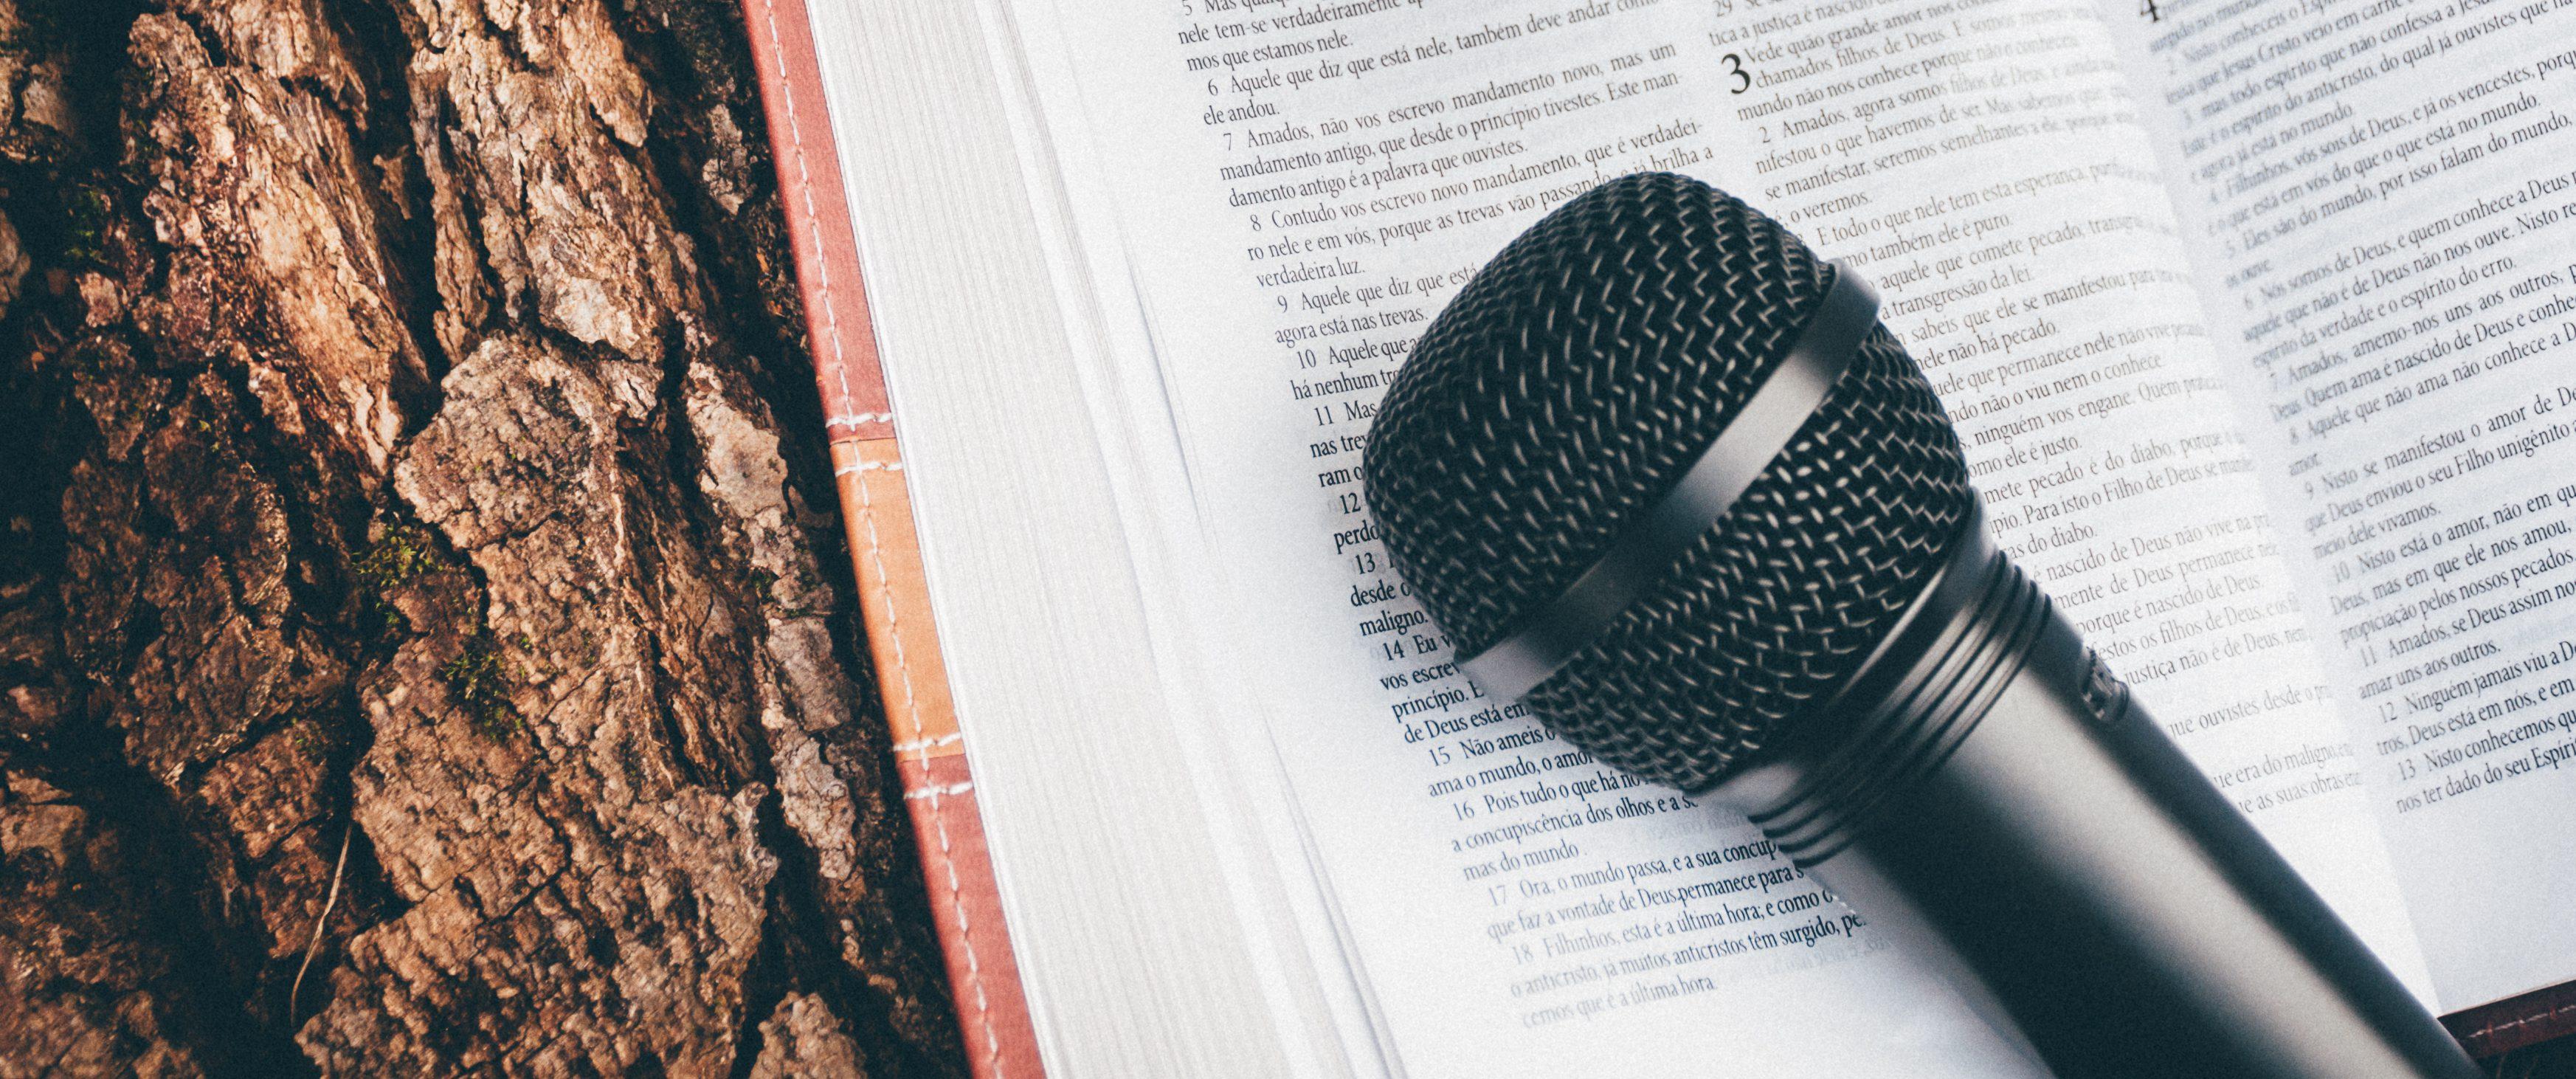 Oraliser un texte et le sauvegarder en MP3